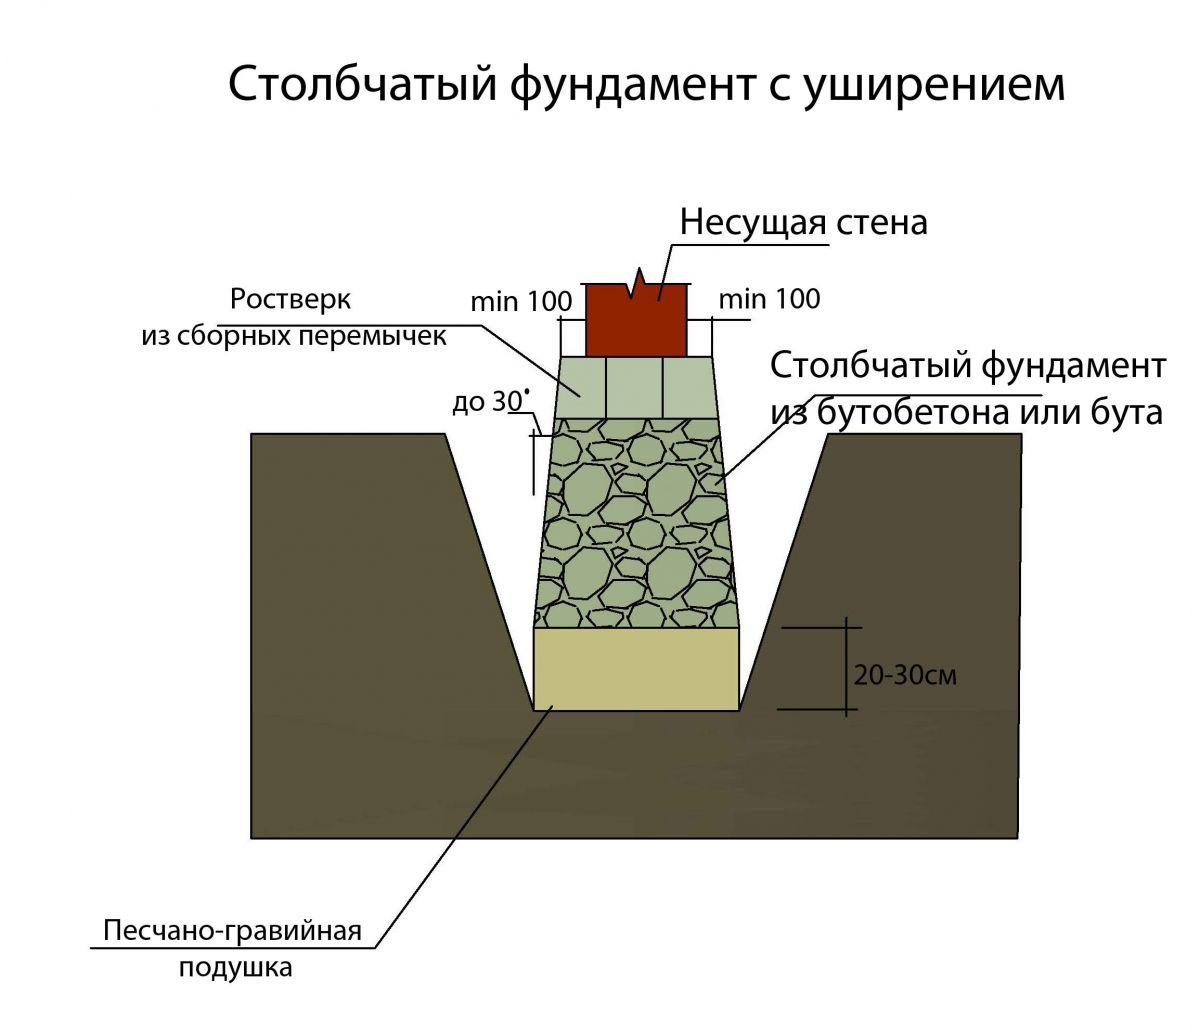 глубина промерзания грунта в тульской области